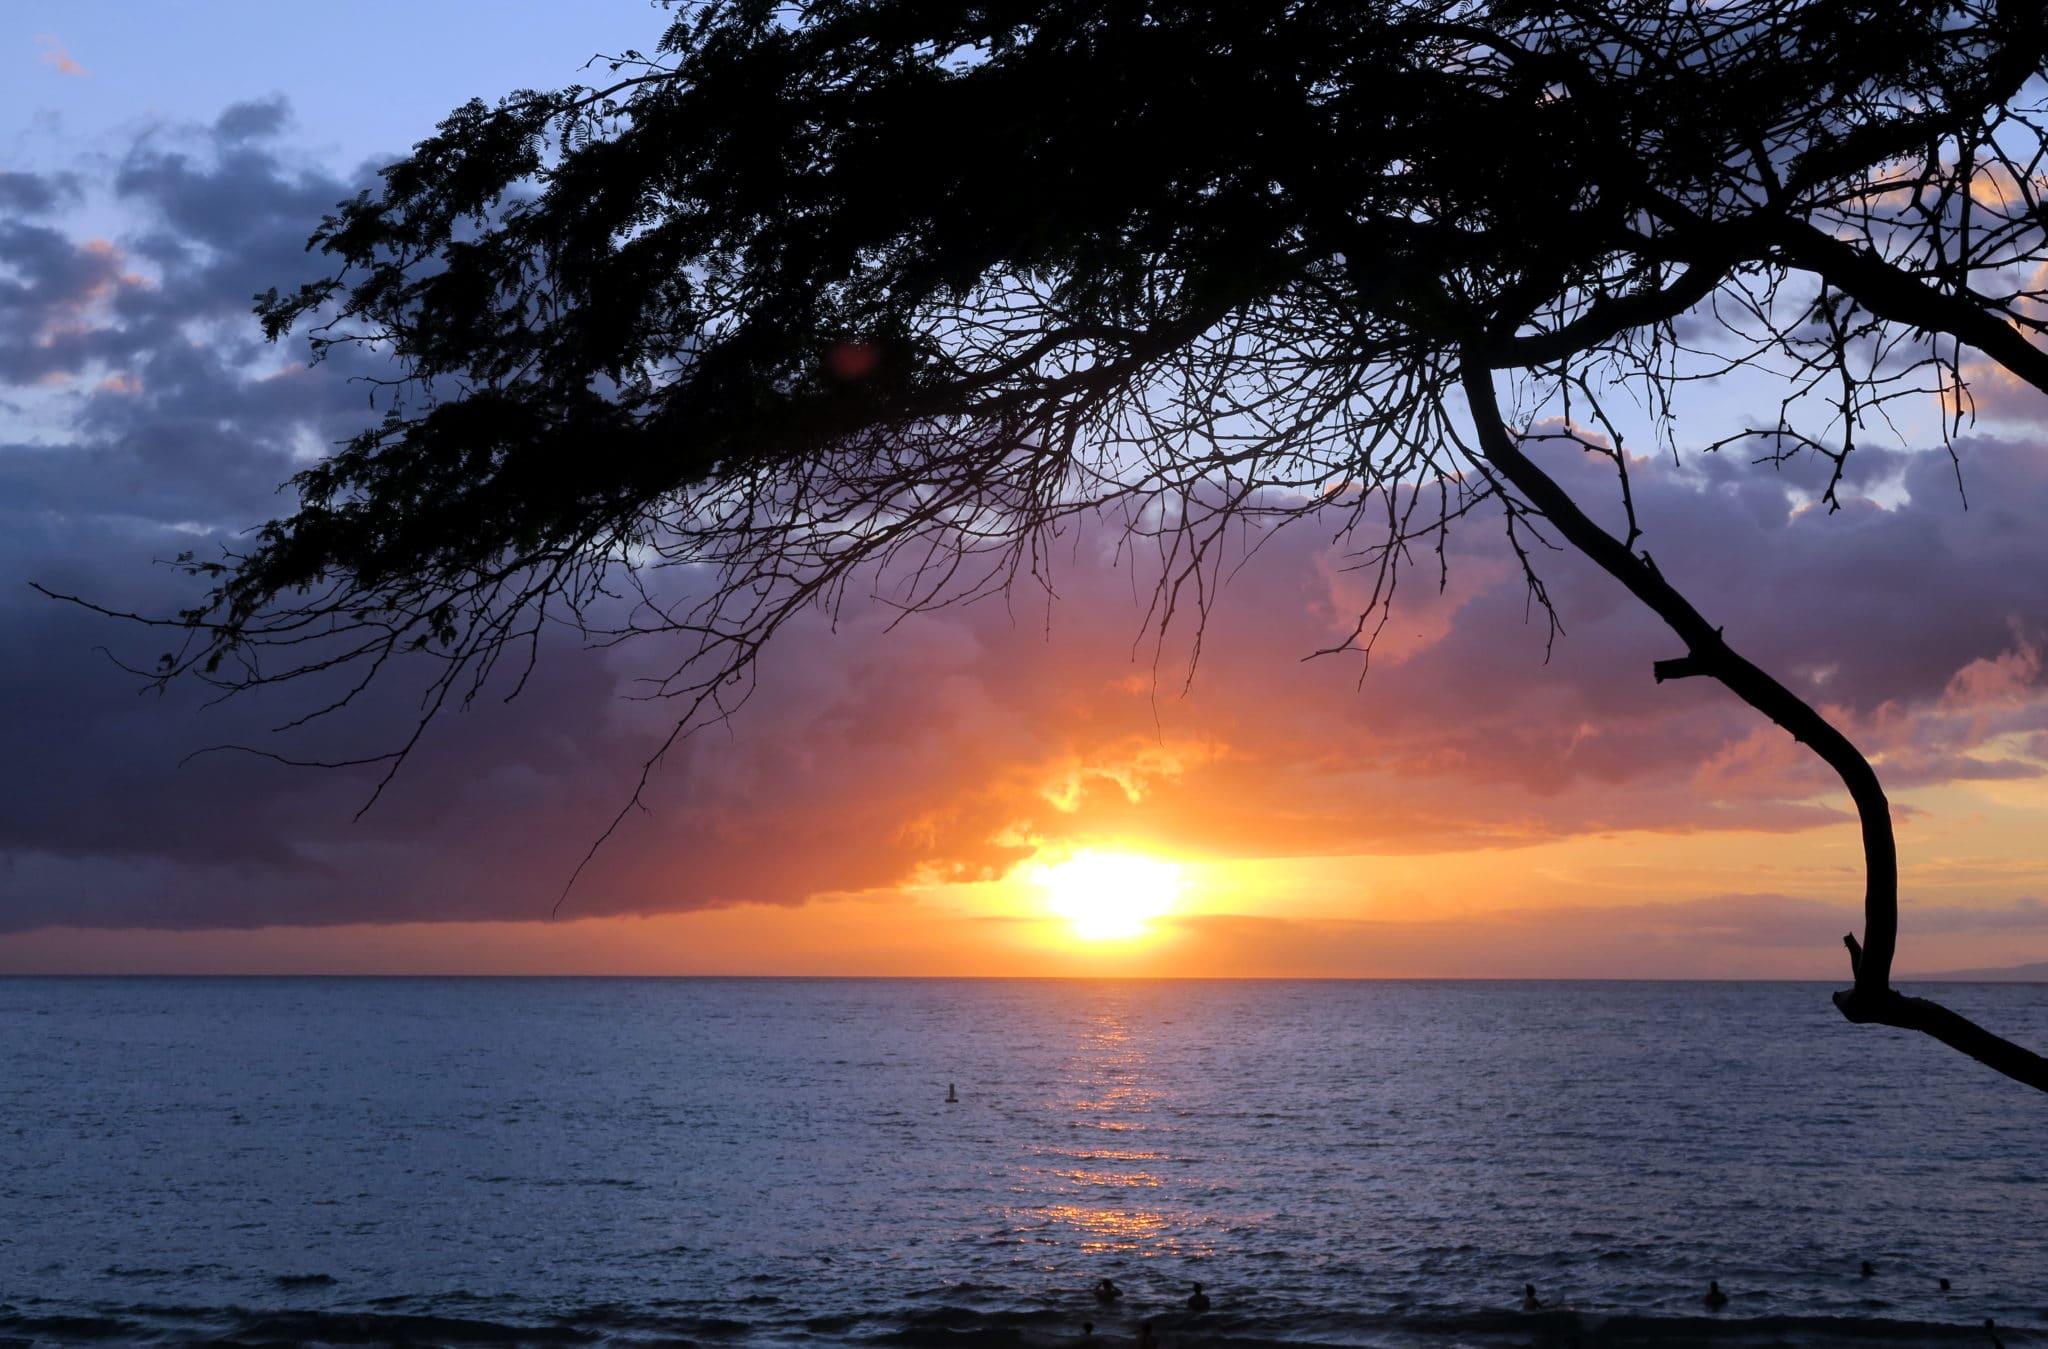 Sunset Kihei Beach Maui Hawaii